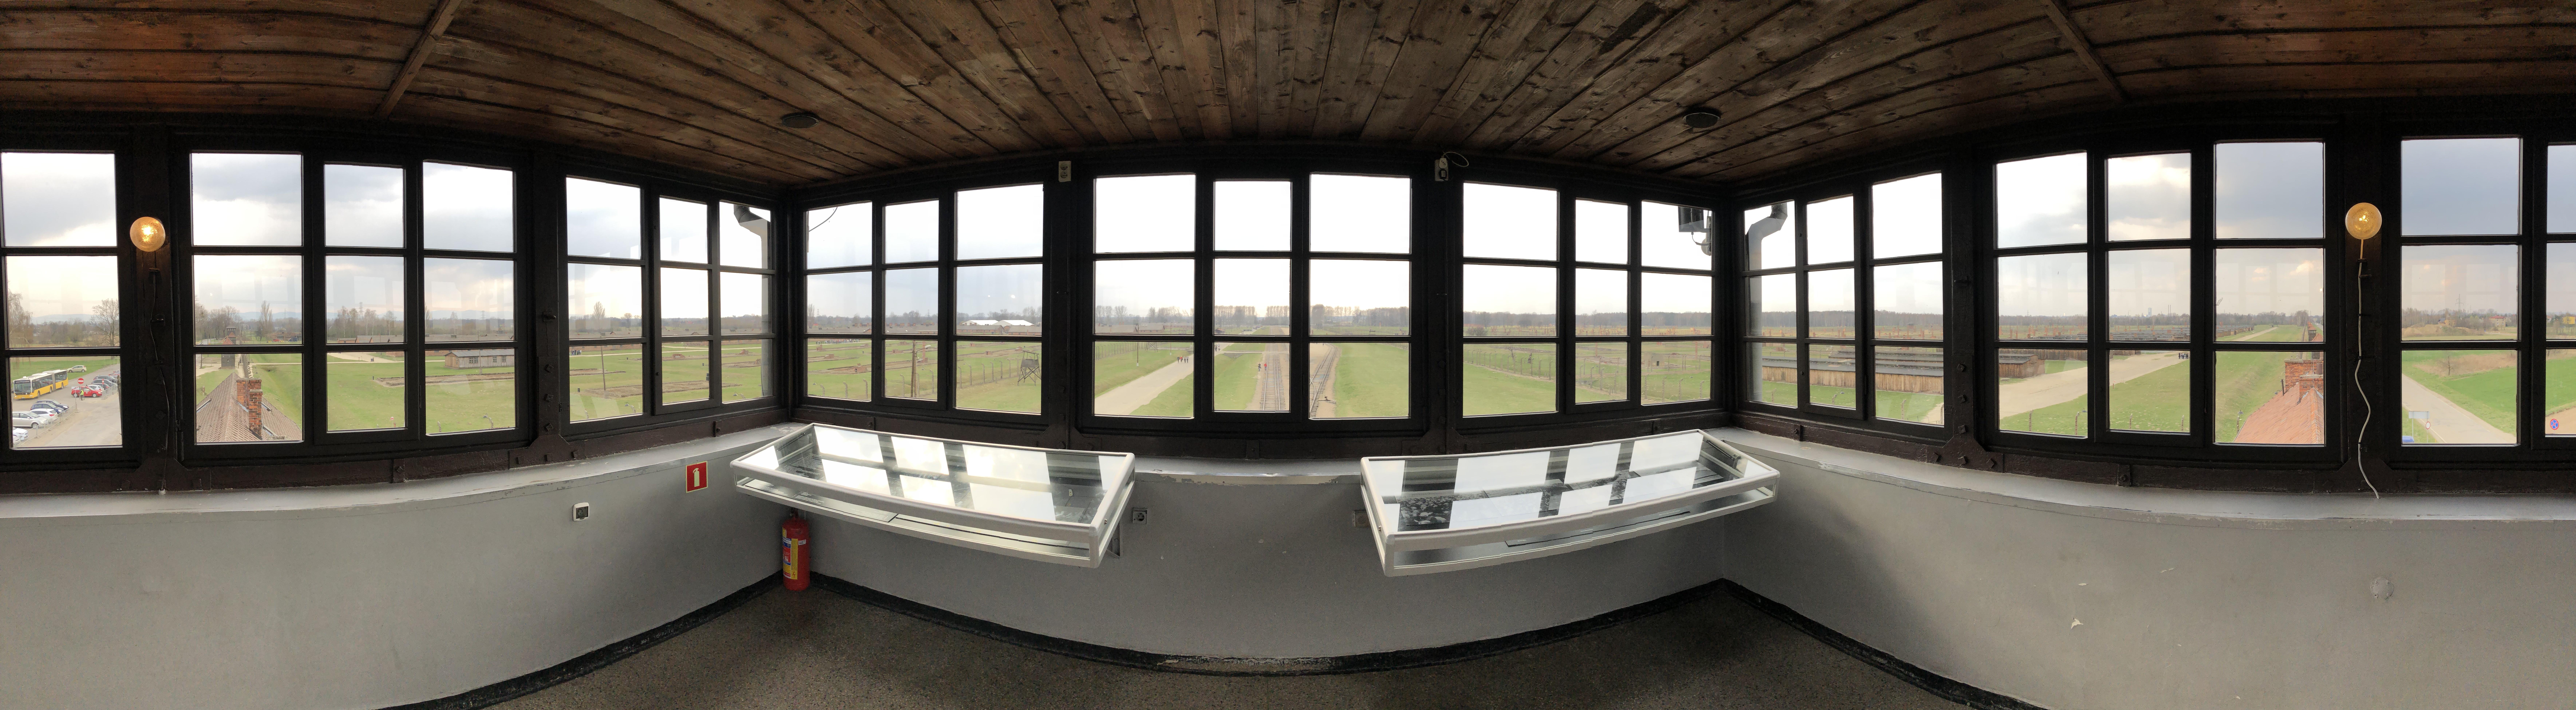 auschwitz birkenau guard towerpanoramic